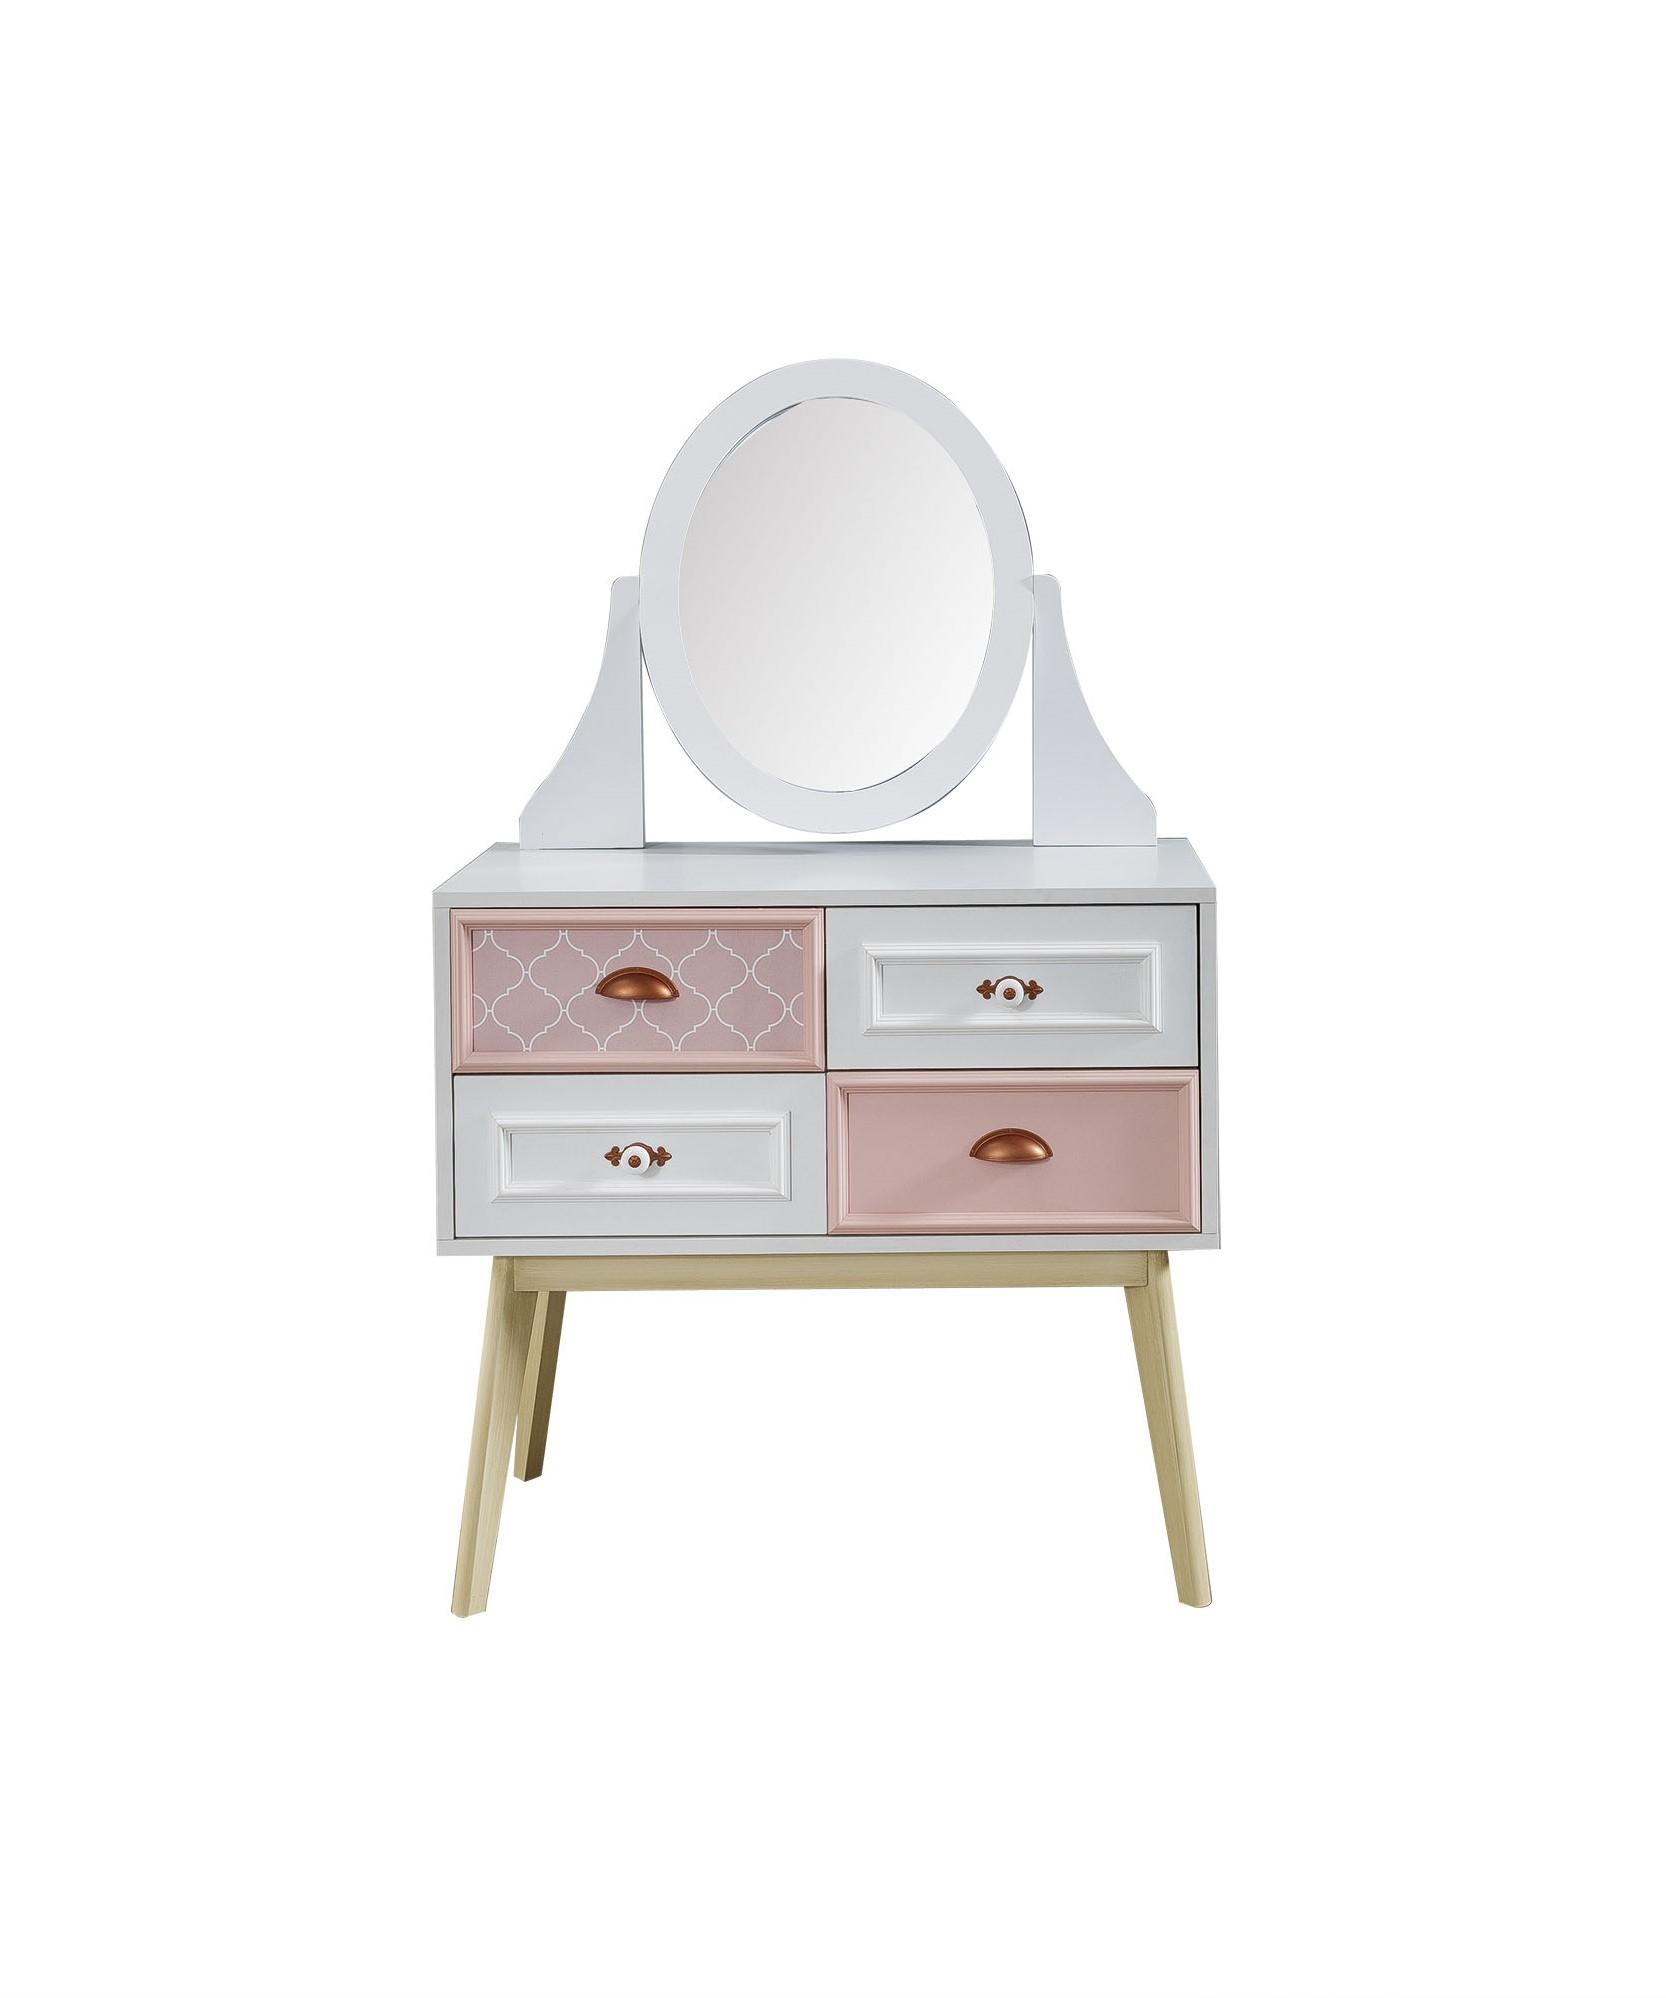 Titi Retro Kommode Diane inklusive Spiegelaufsatz